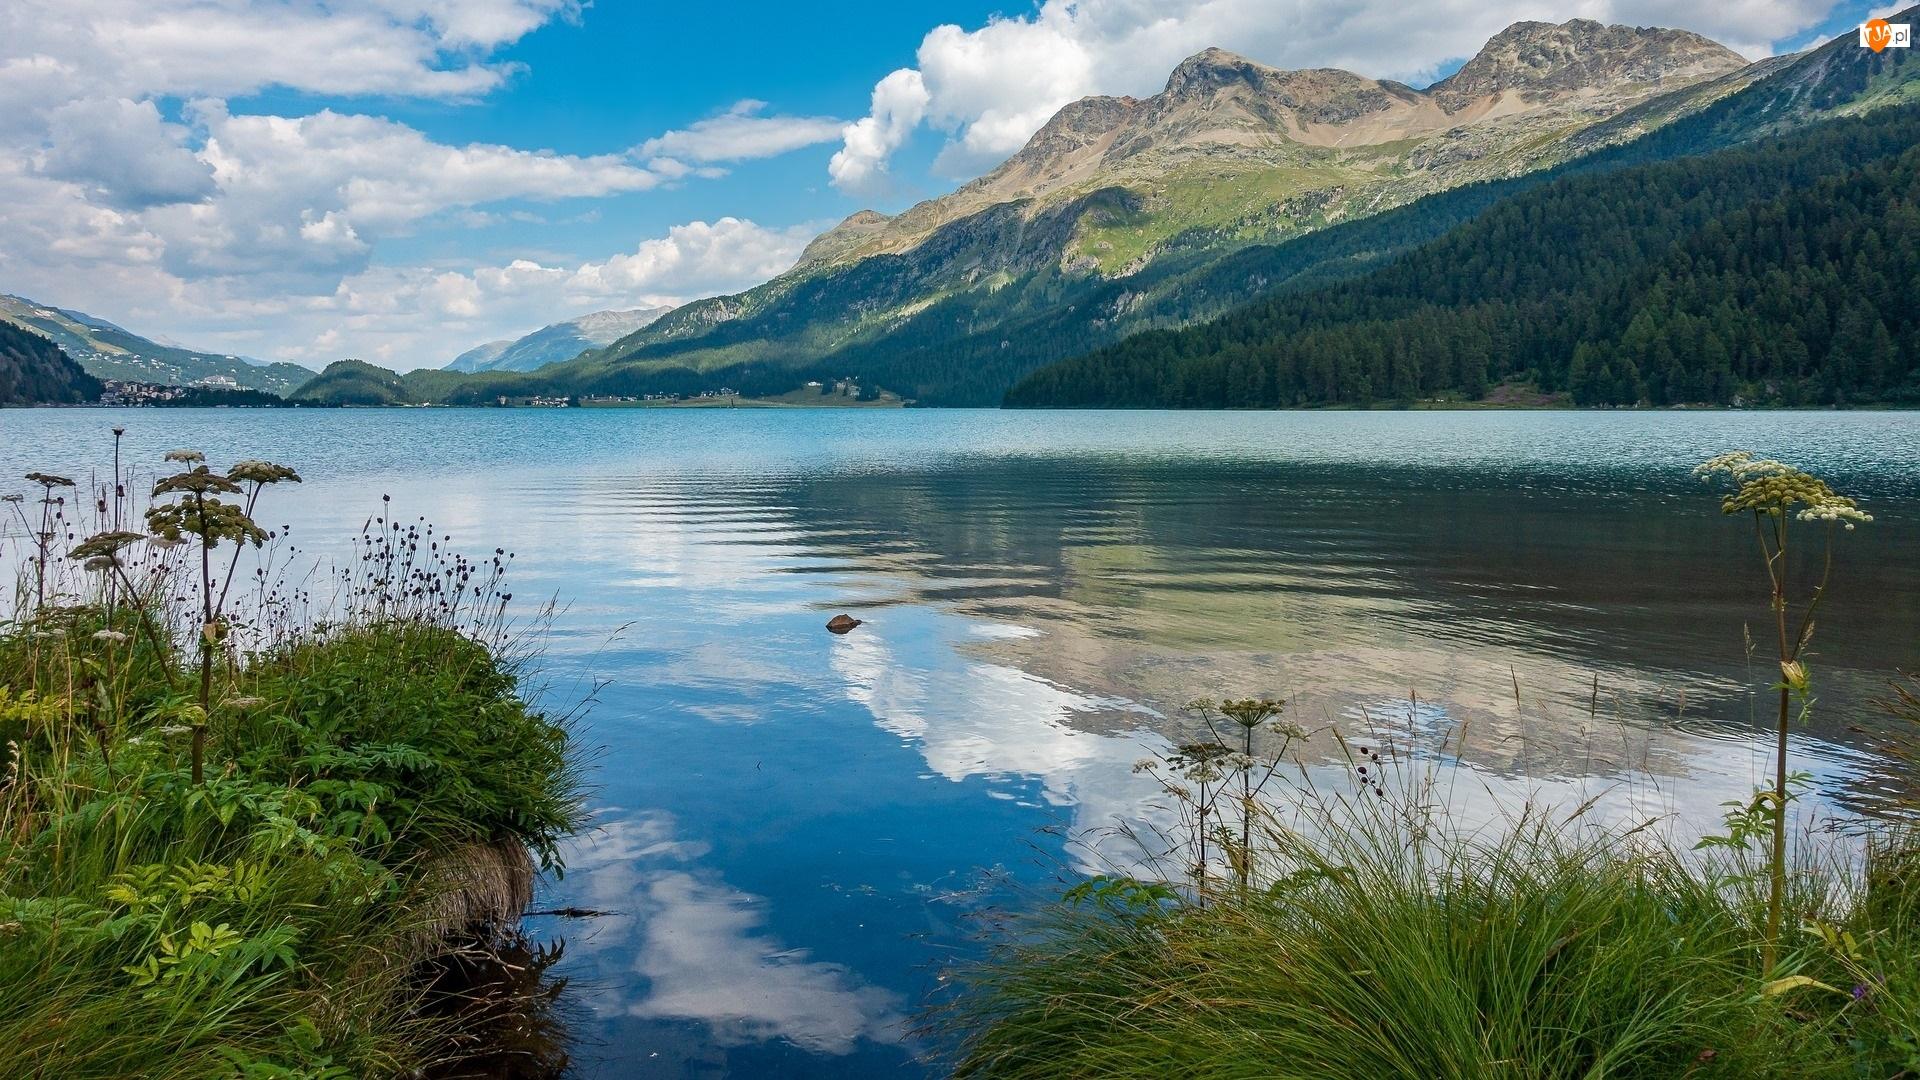 Jezioro, Góry, Rośliny, Szwajcaria, Silsersee, Trawa